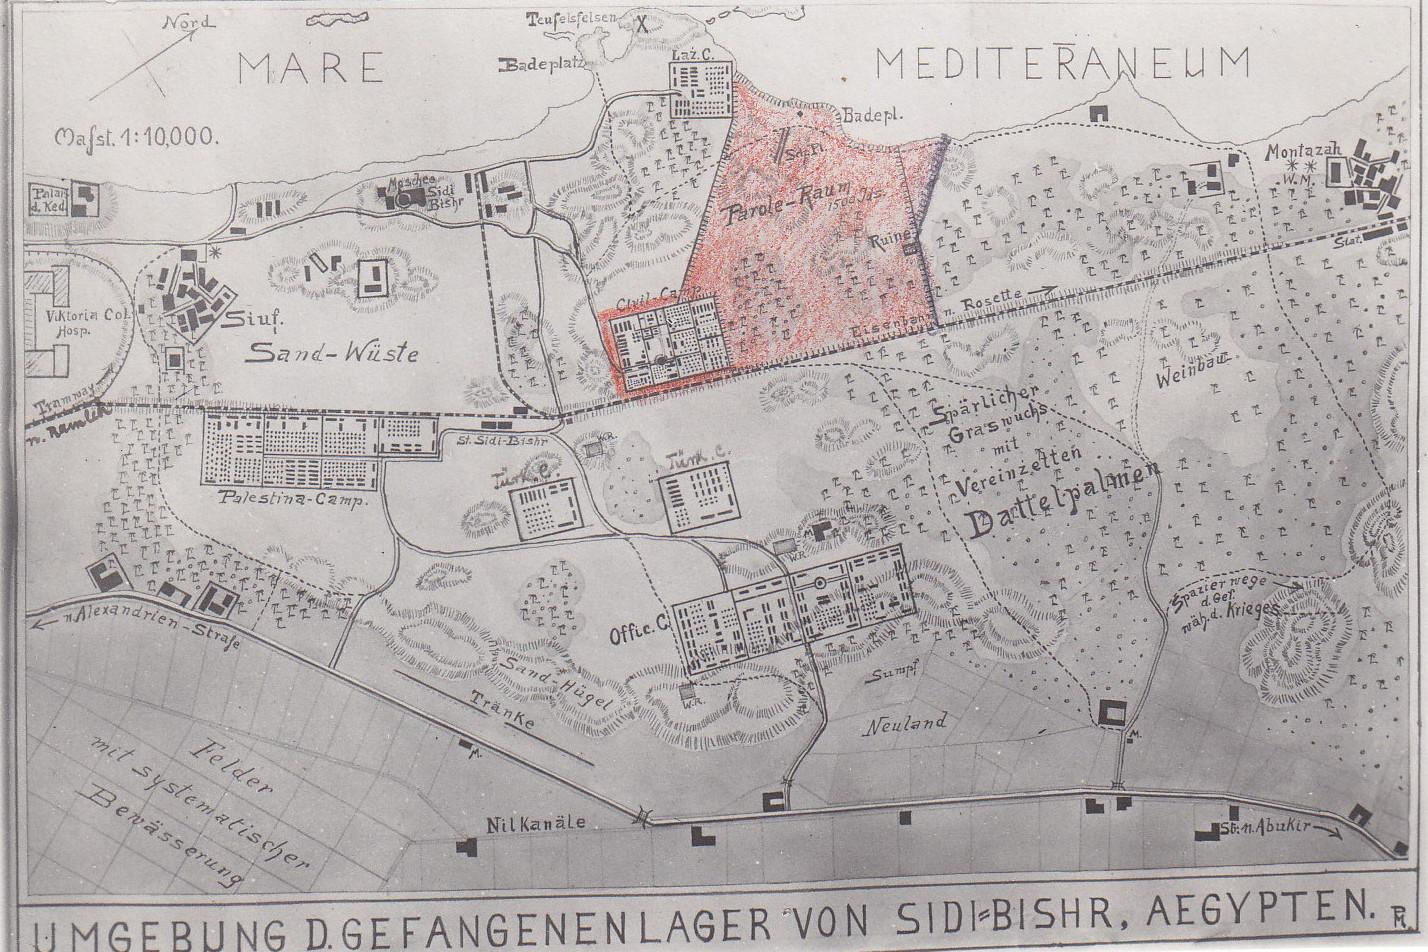 Übersichtsplan des Gefangenenlagers Sidi Bishr